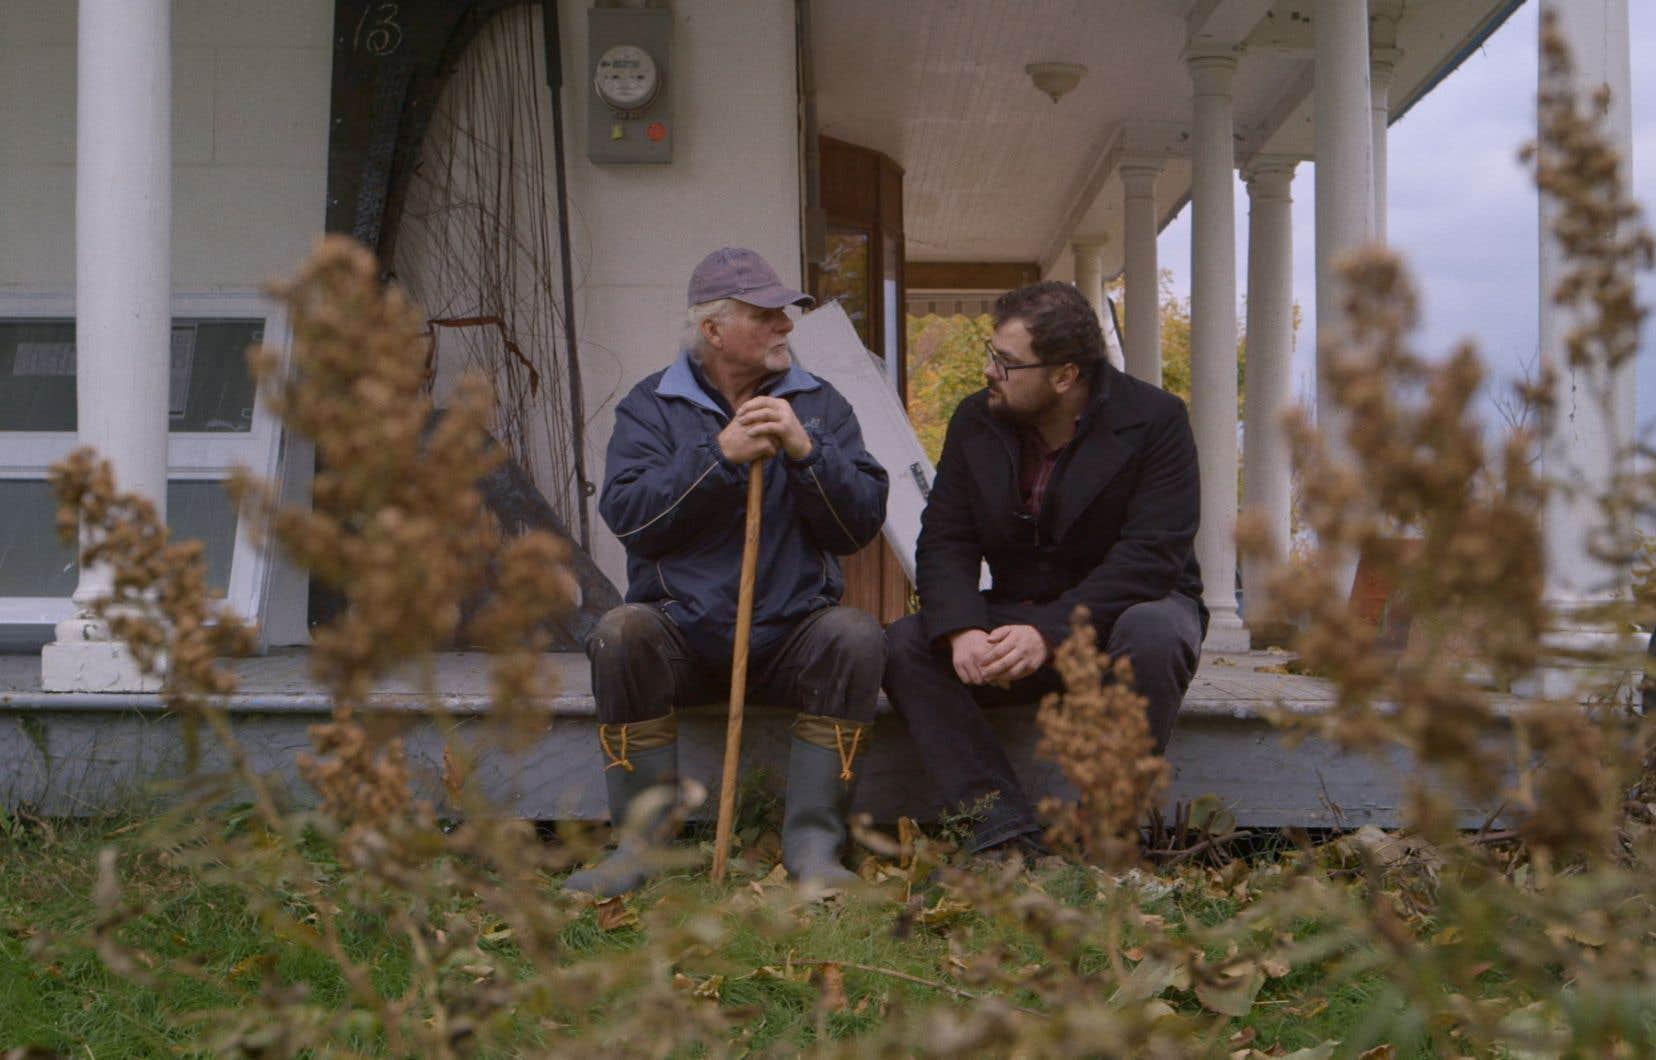 Les Rose raconte l'histoire de Paul Rose, l'un des membres du FLQ au cœur de la crise d'octobre 1970 et de l'enlèvement du ministre Pierre Laporte, à travers les yeux de son fils Félix.